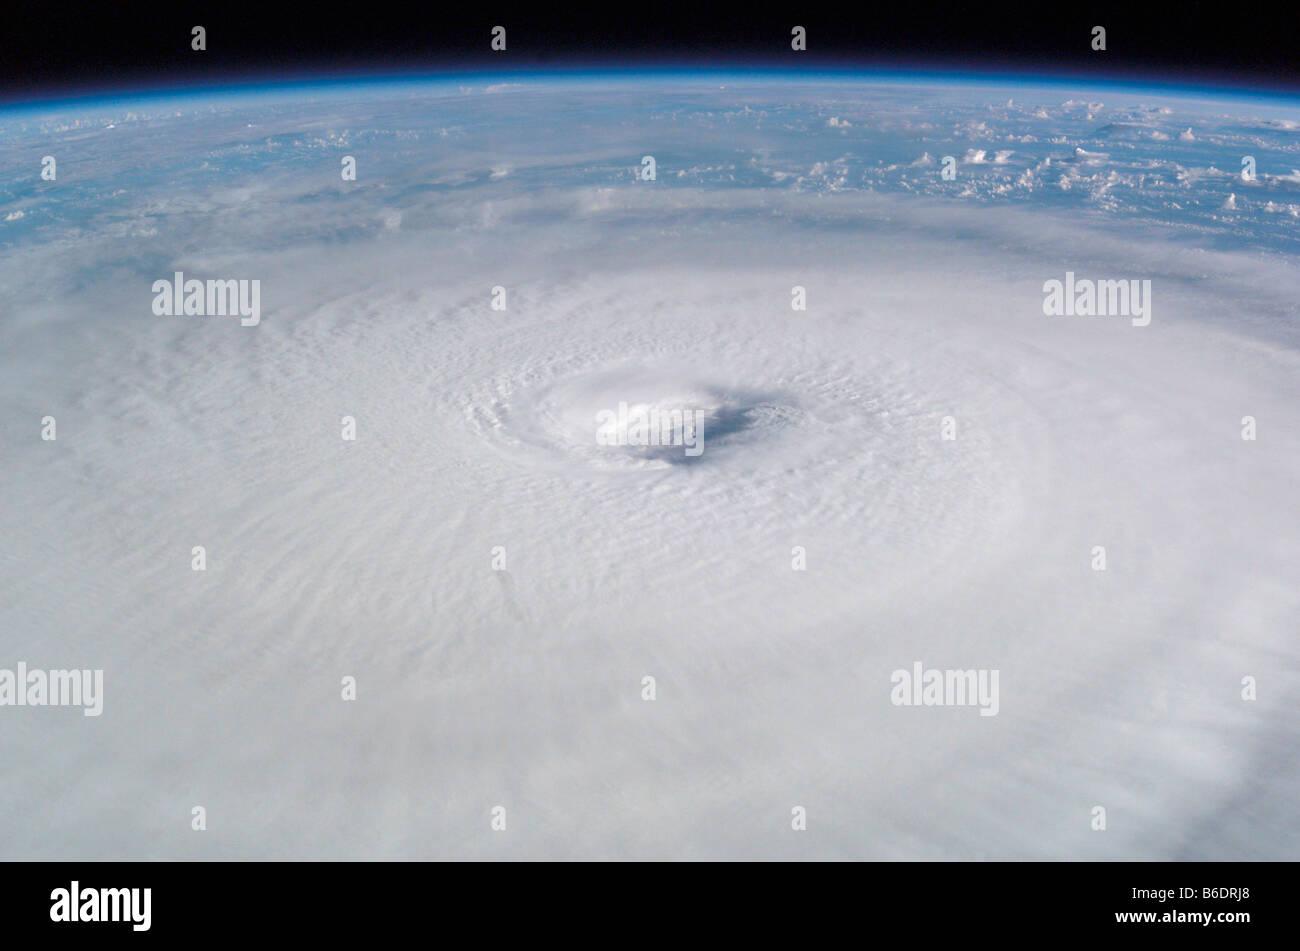 Uragano Isabel. Questa immagine è stata scattata dalla Stazione Spaziale Internazionale il 13 settembre 2003.Foto Stock